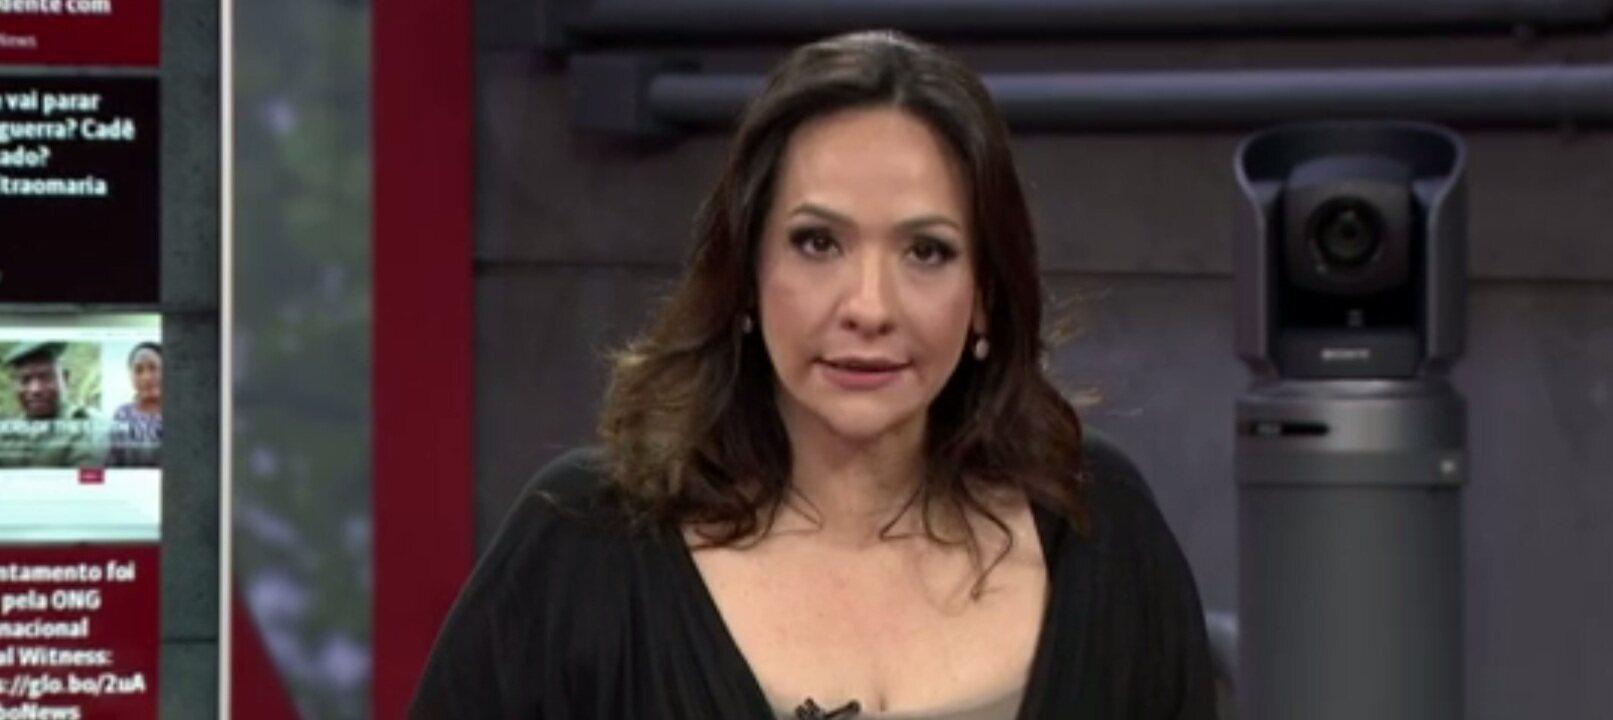 Justiça autoriza Anna Carolina Jatobá a passar para o regime semiaberto